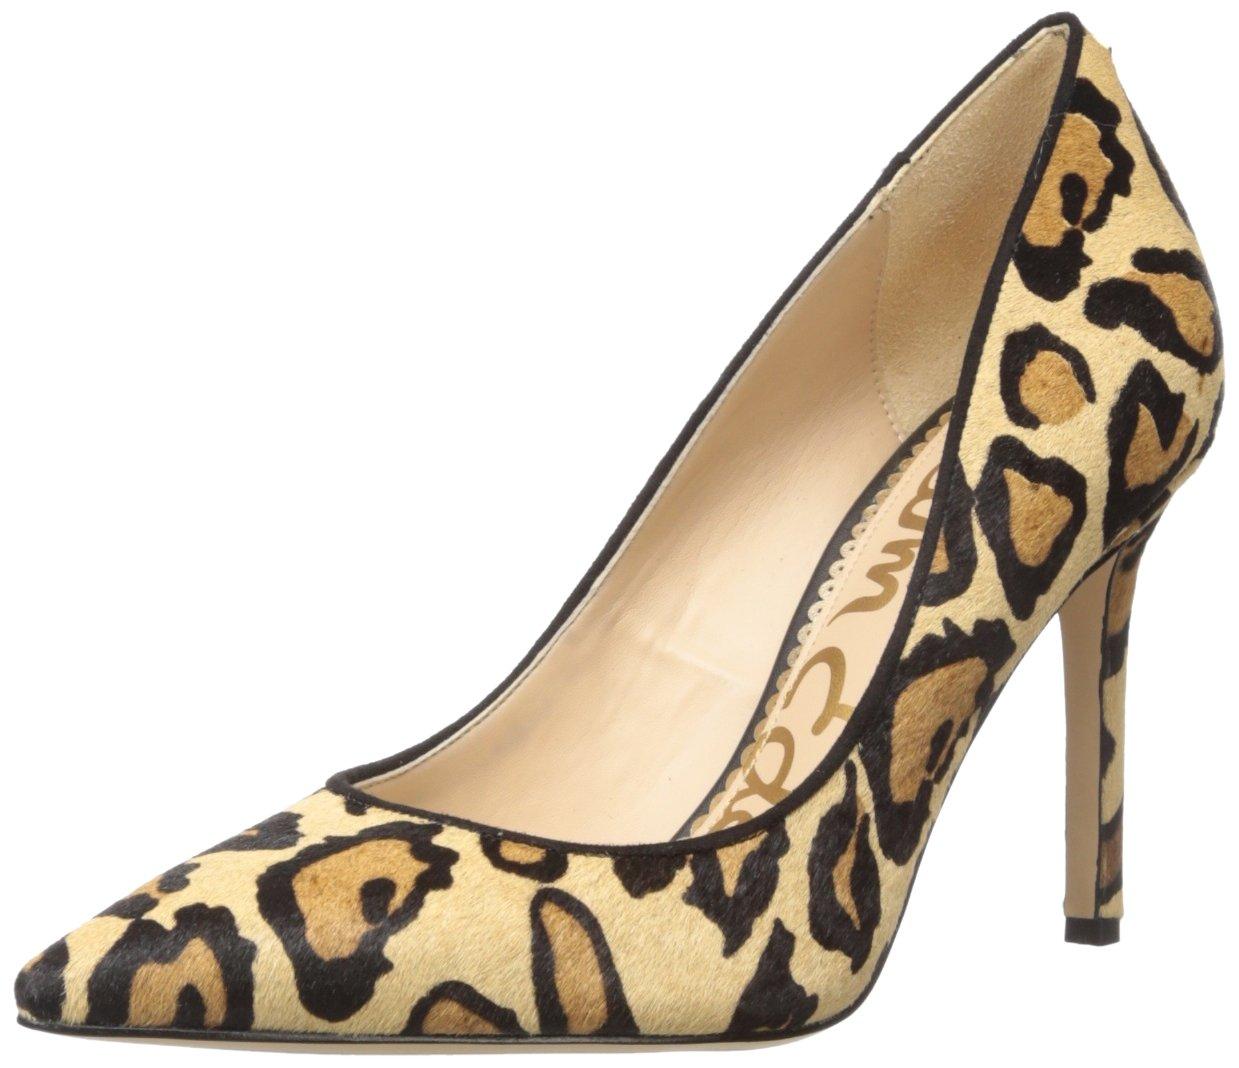 Sam Edelman Women's Hazel Pump B01N9HL8OP 5 B(M) US New Nude Leopard